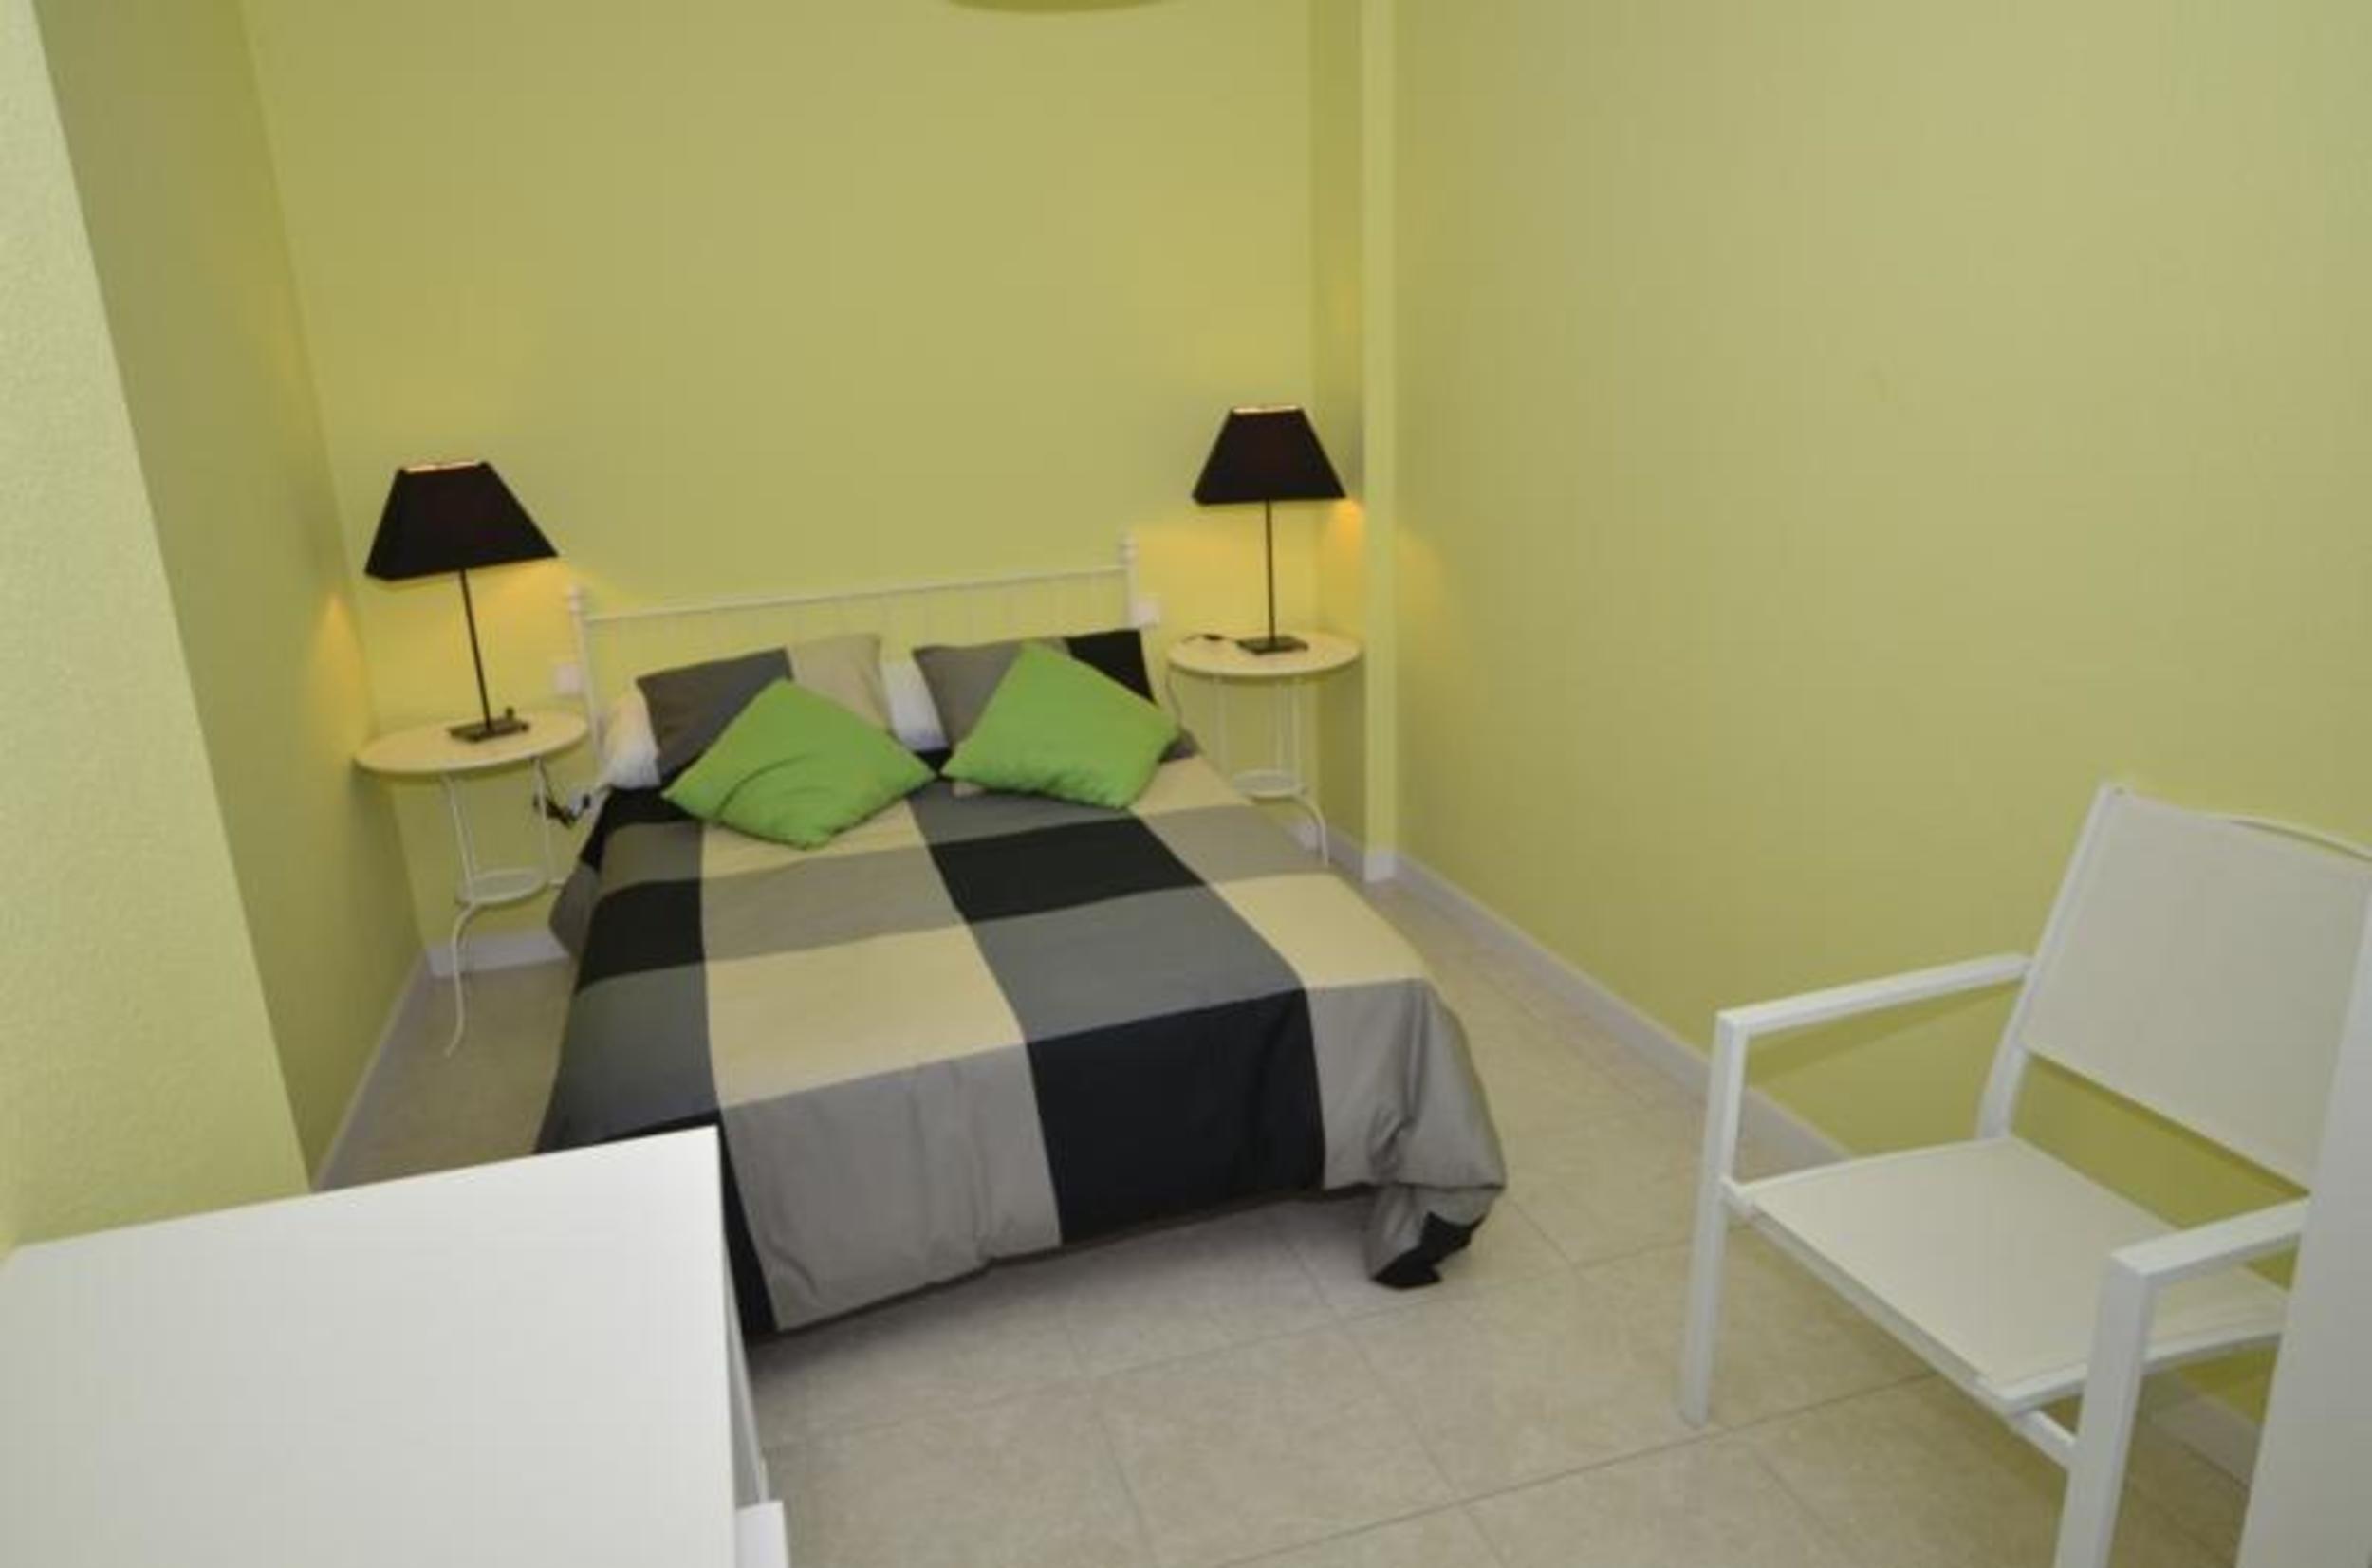 Ferienwohnung Apartment - 1 Bedroom with Pool - 103631 (1985143), Isla, Costa de Cantabria, Kantabrien, Spanien, Bild 2